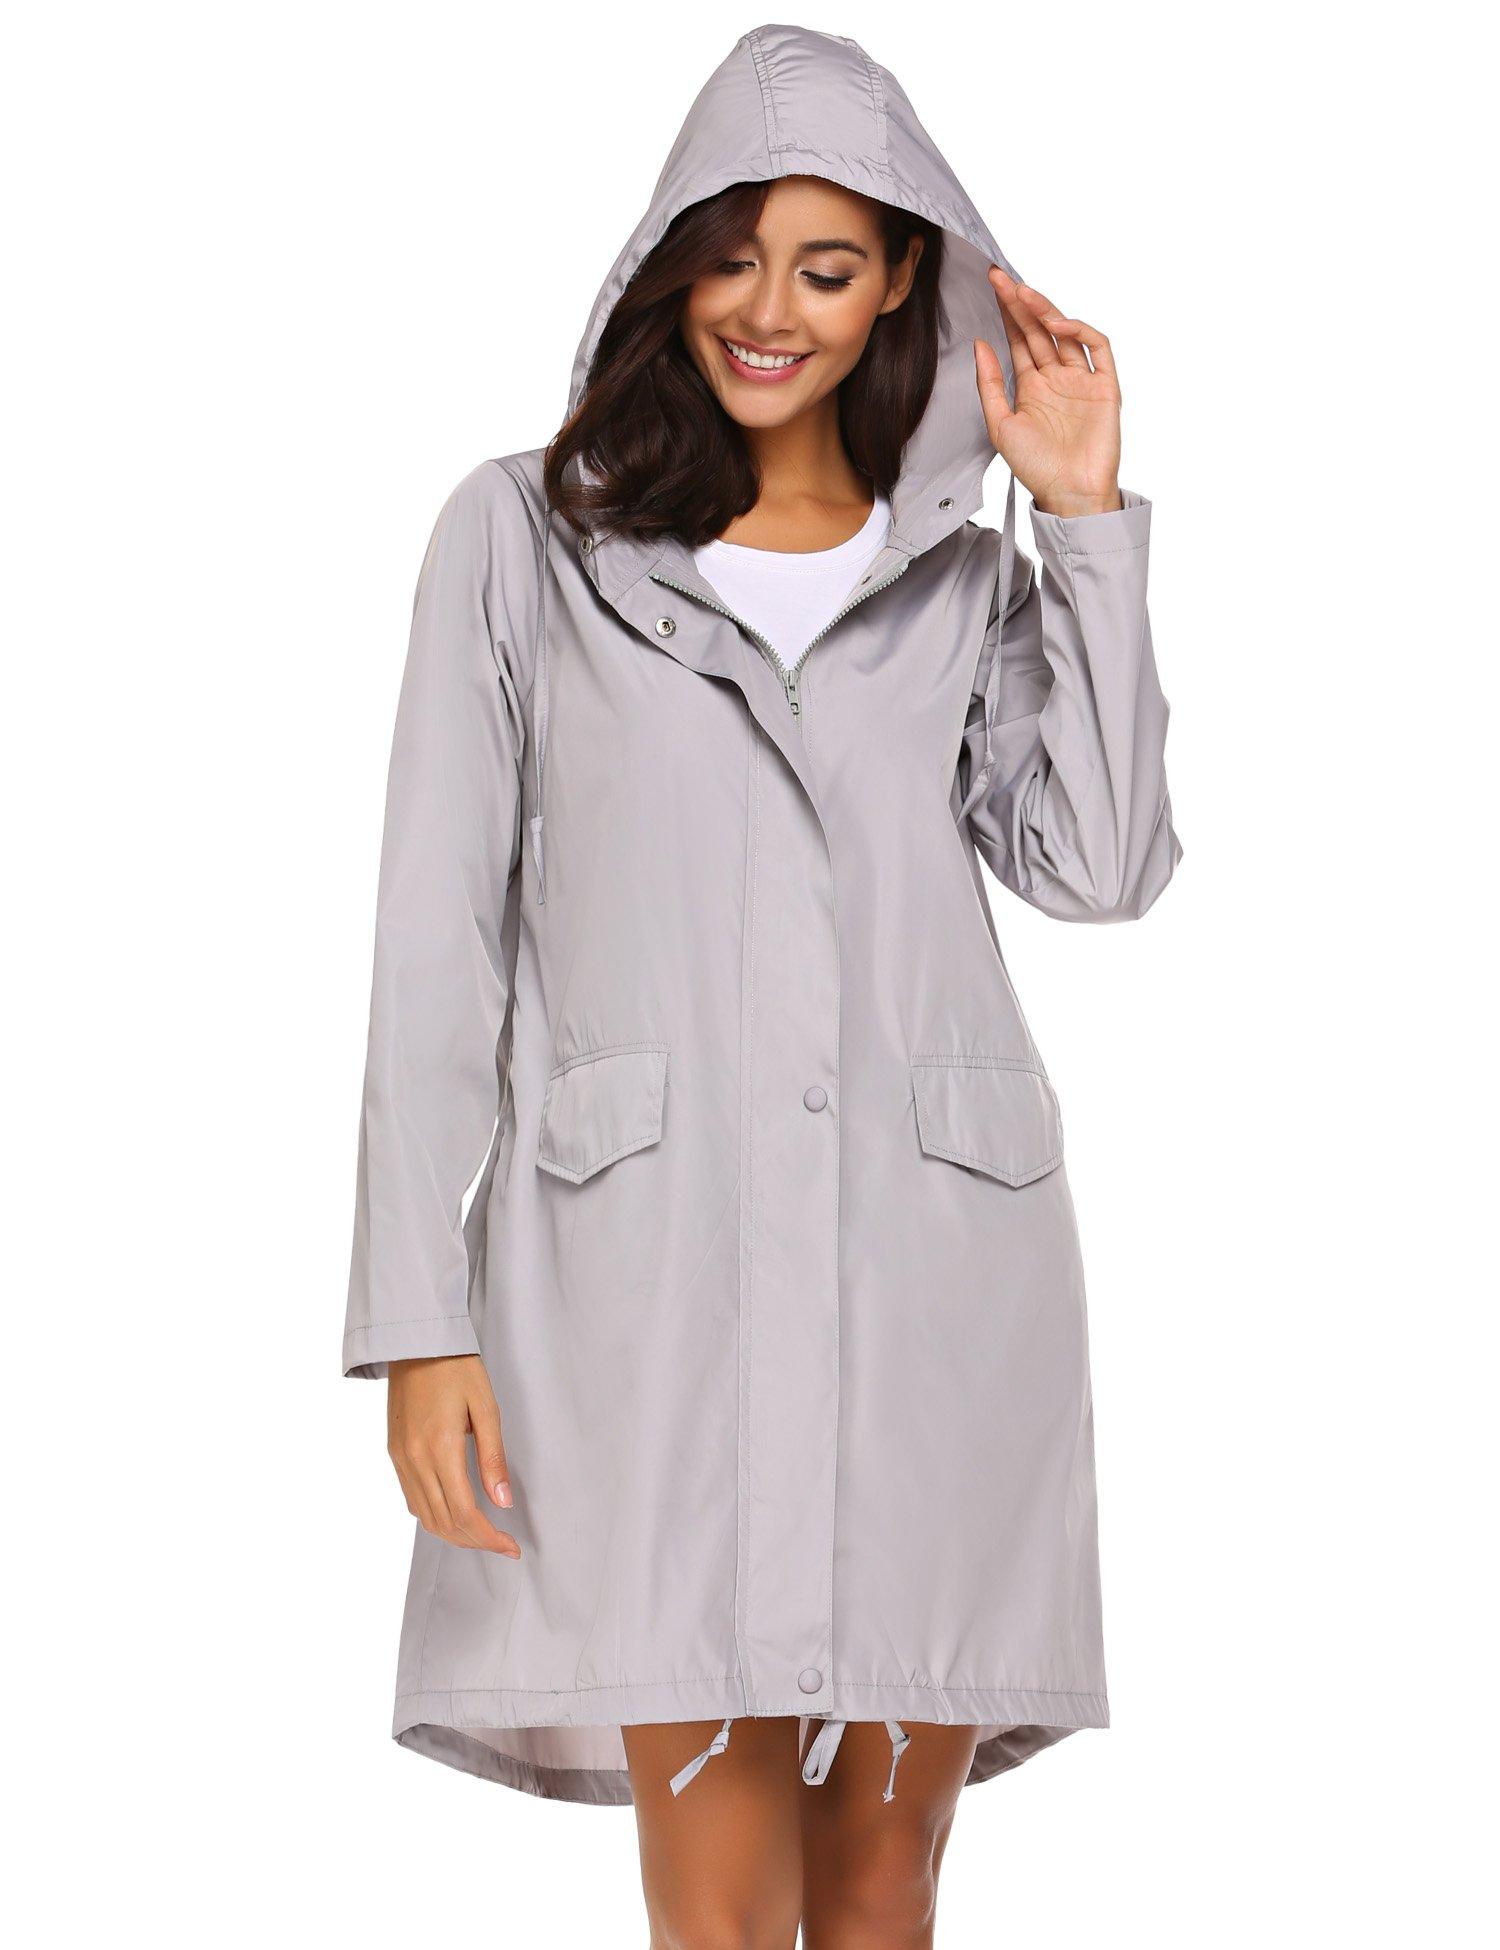 Teewanna Women Lightweight Windbreaker Waterproof Long Rain Hooded Jacket Drawstring (Grey XL)